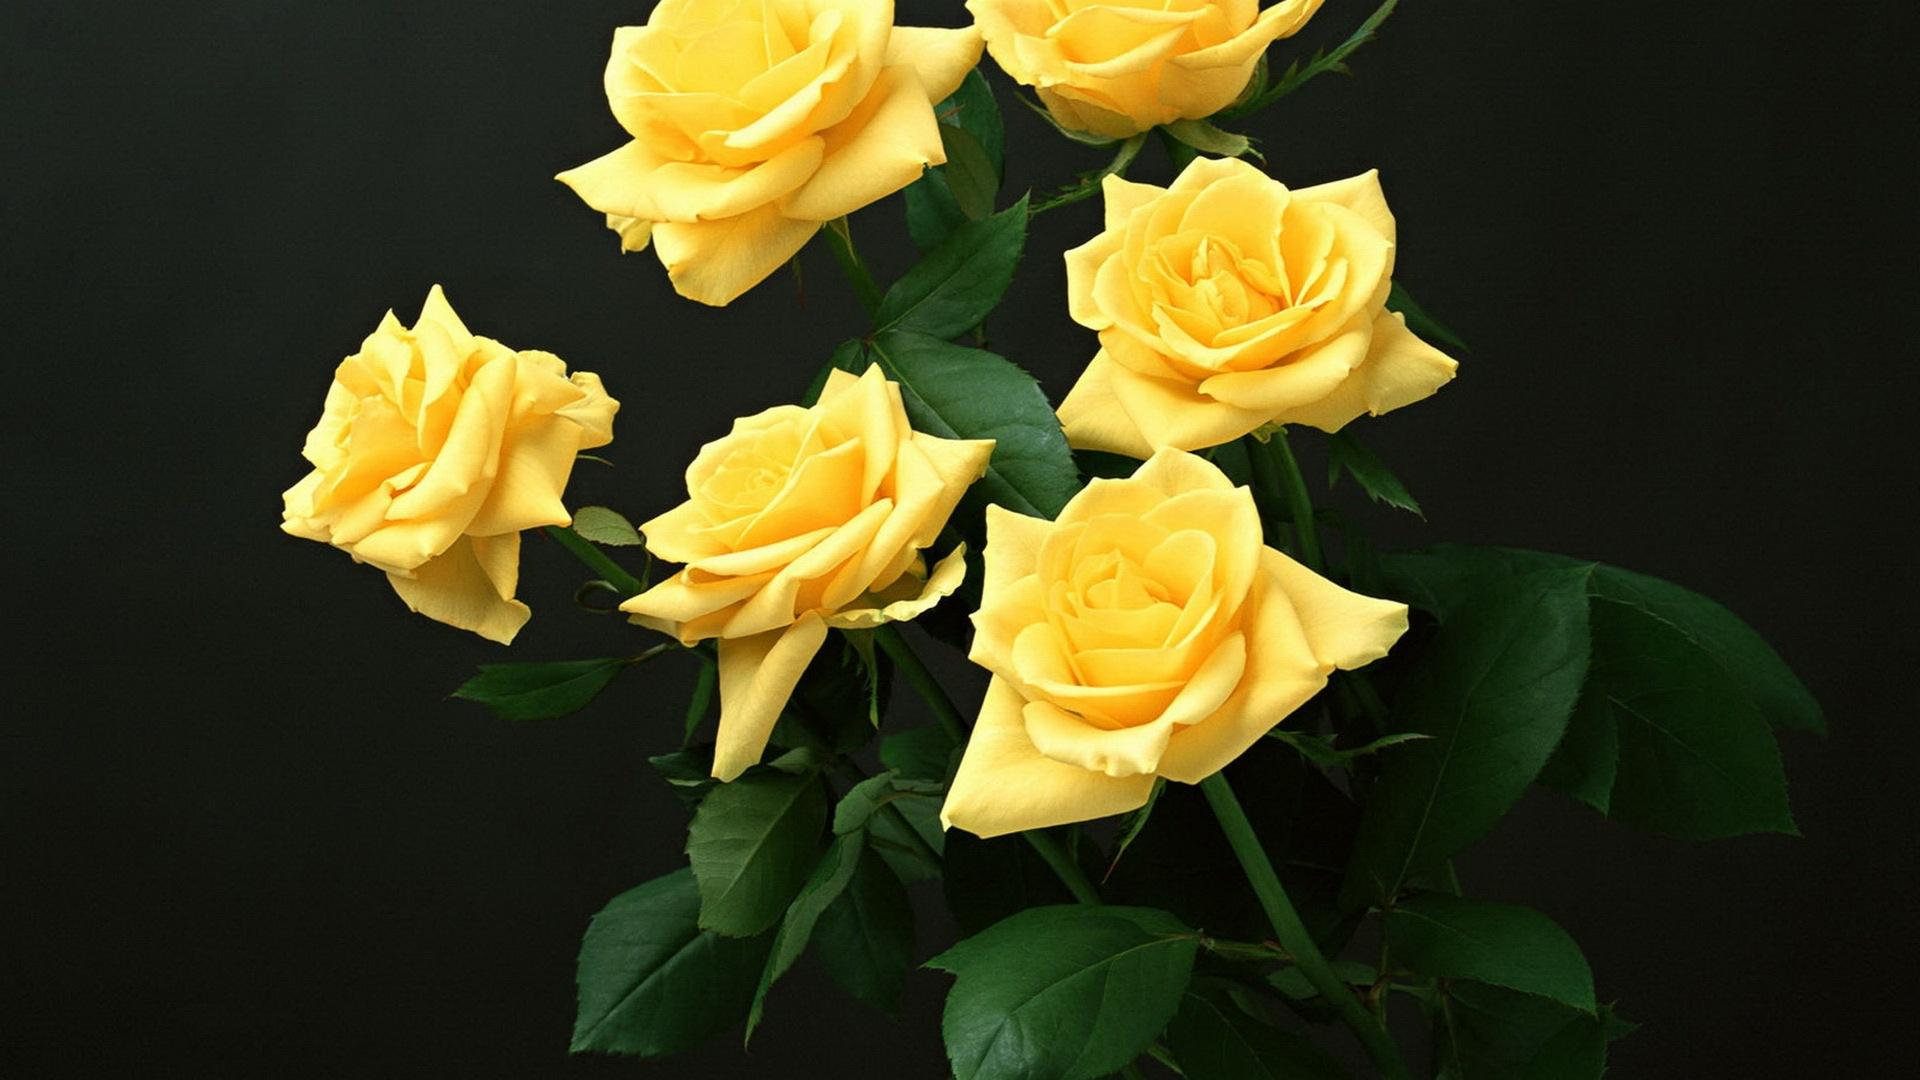 yellow roses wallpaper 29674